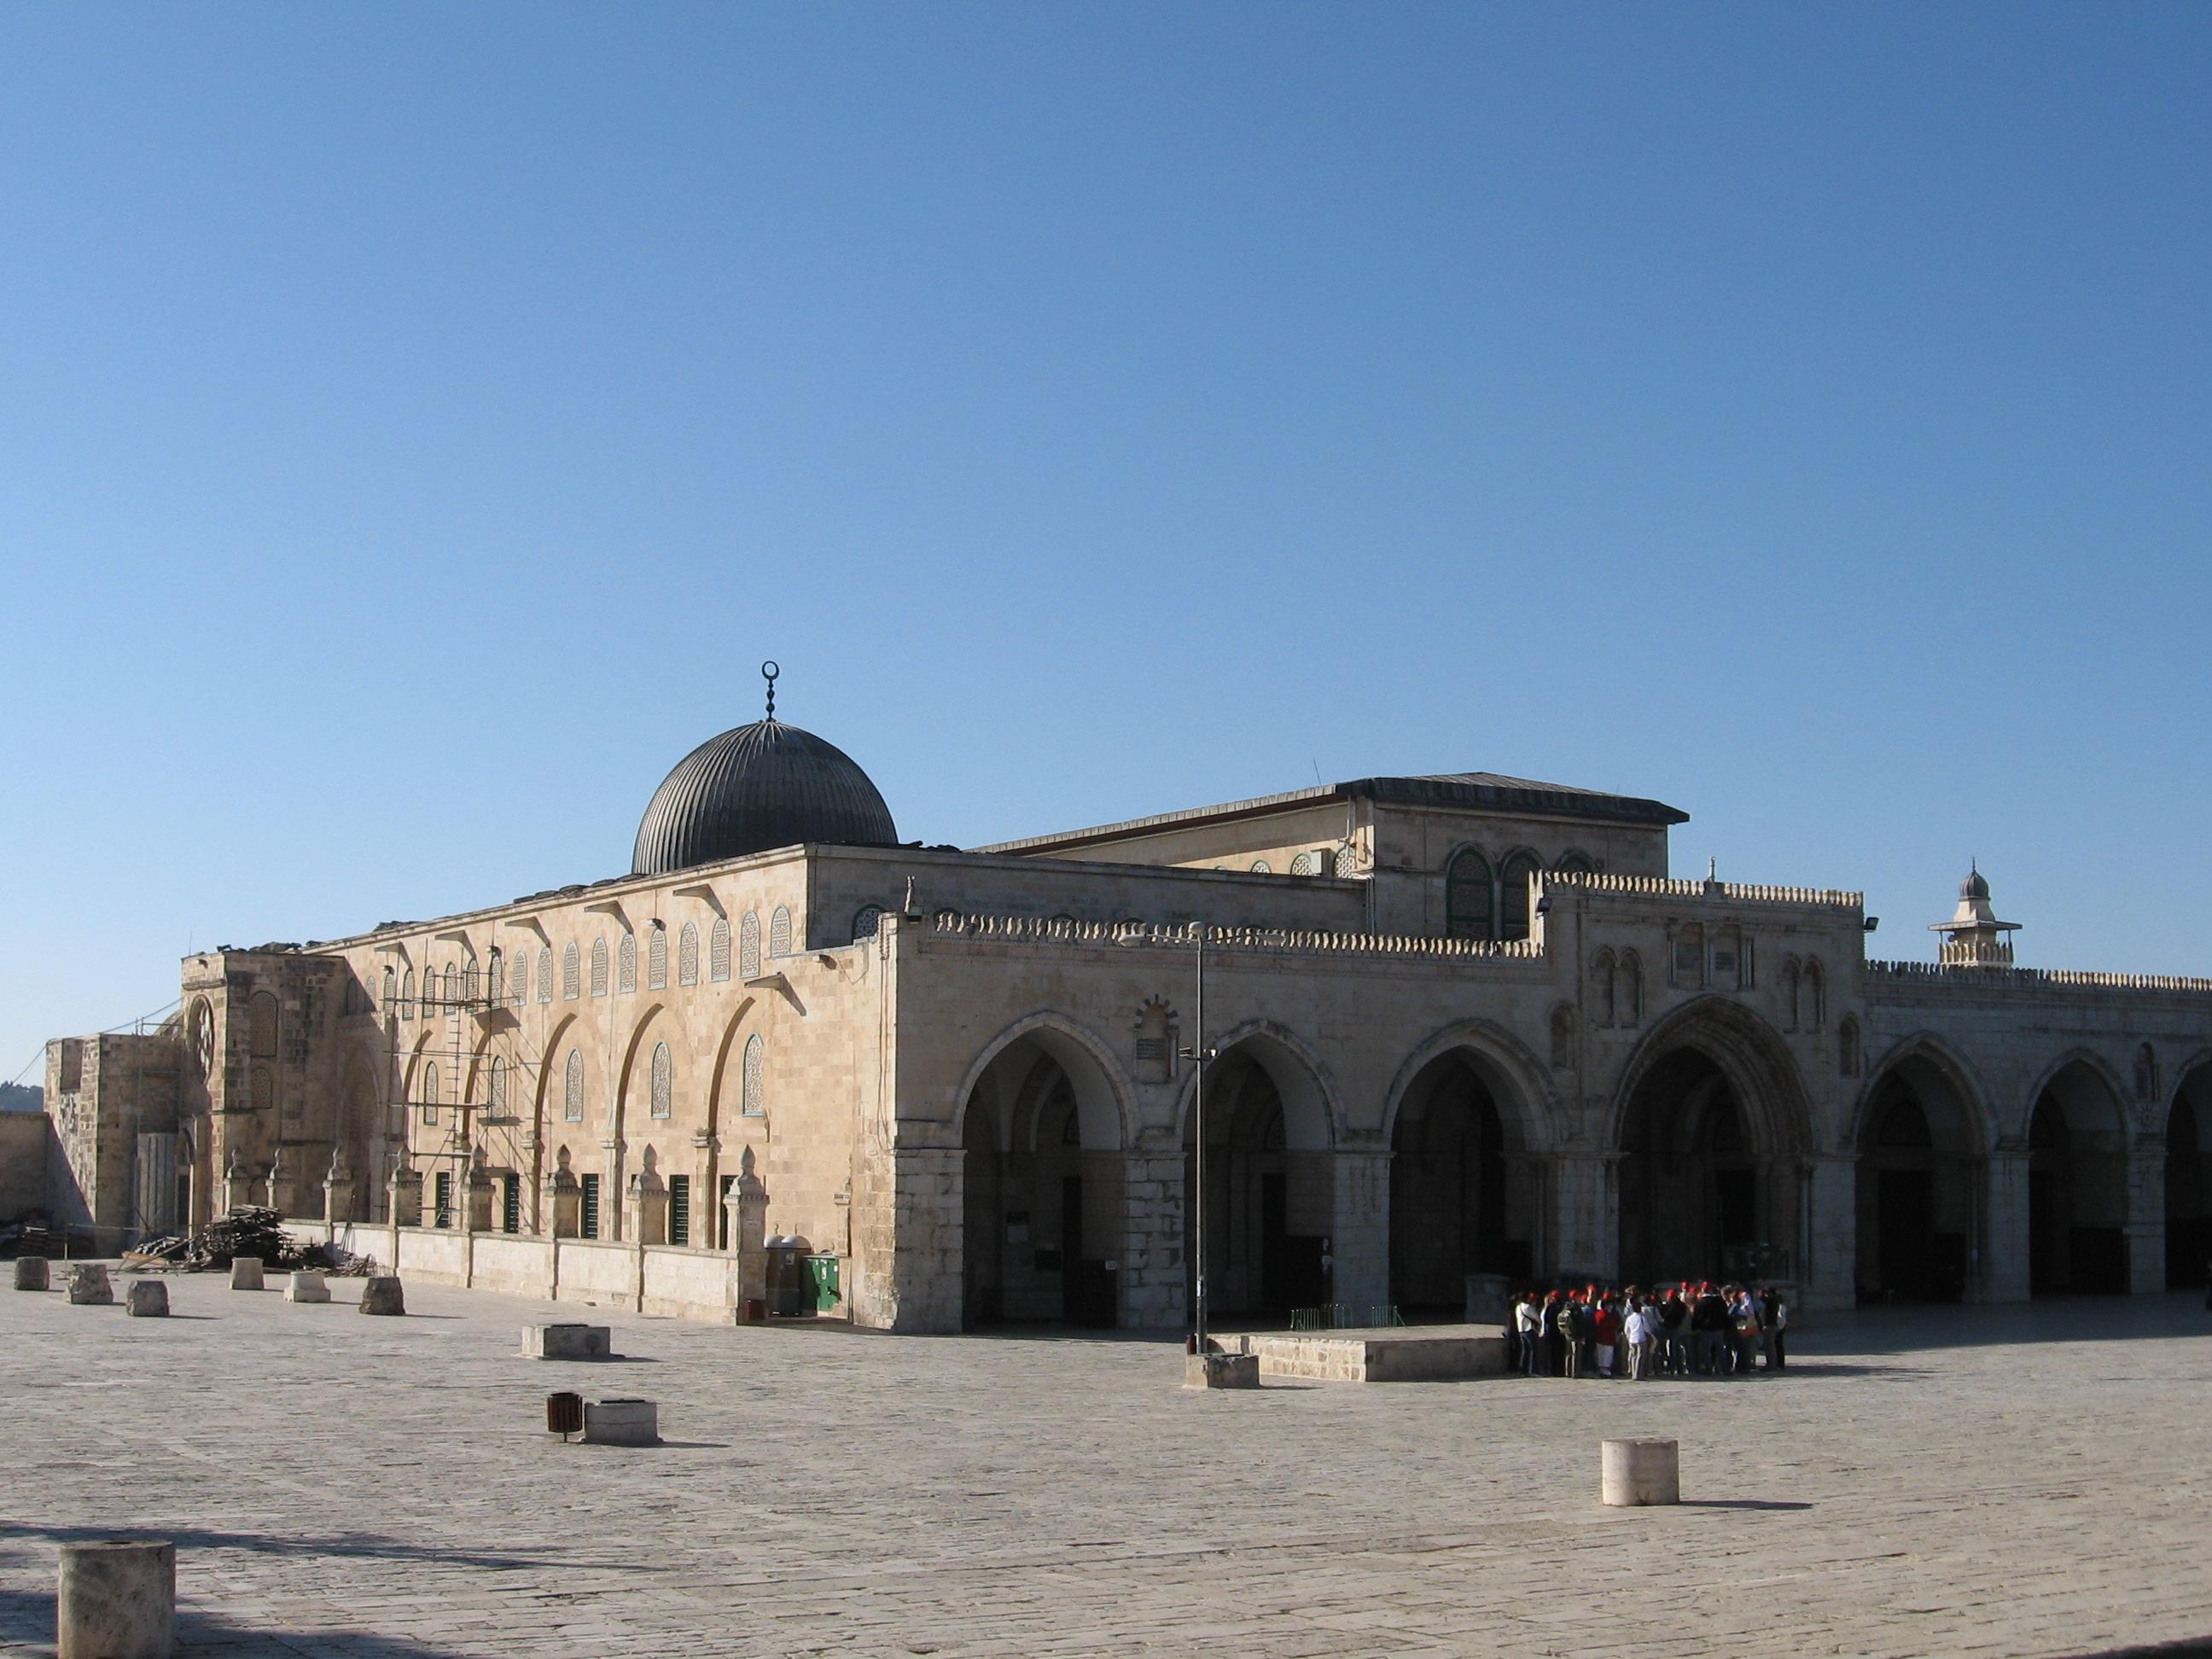 الخميس أقامة حفلات داخل حرم المسجد الاقصي